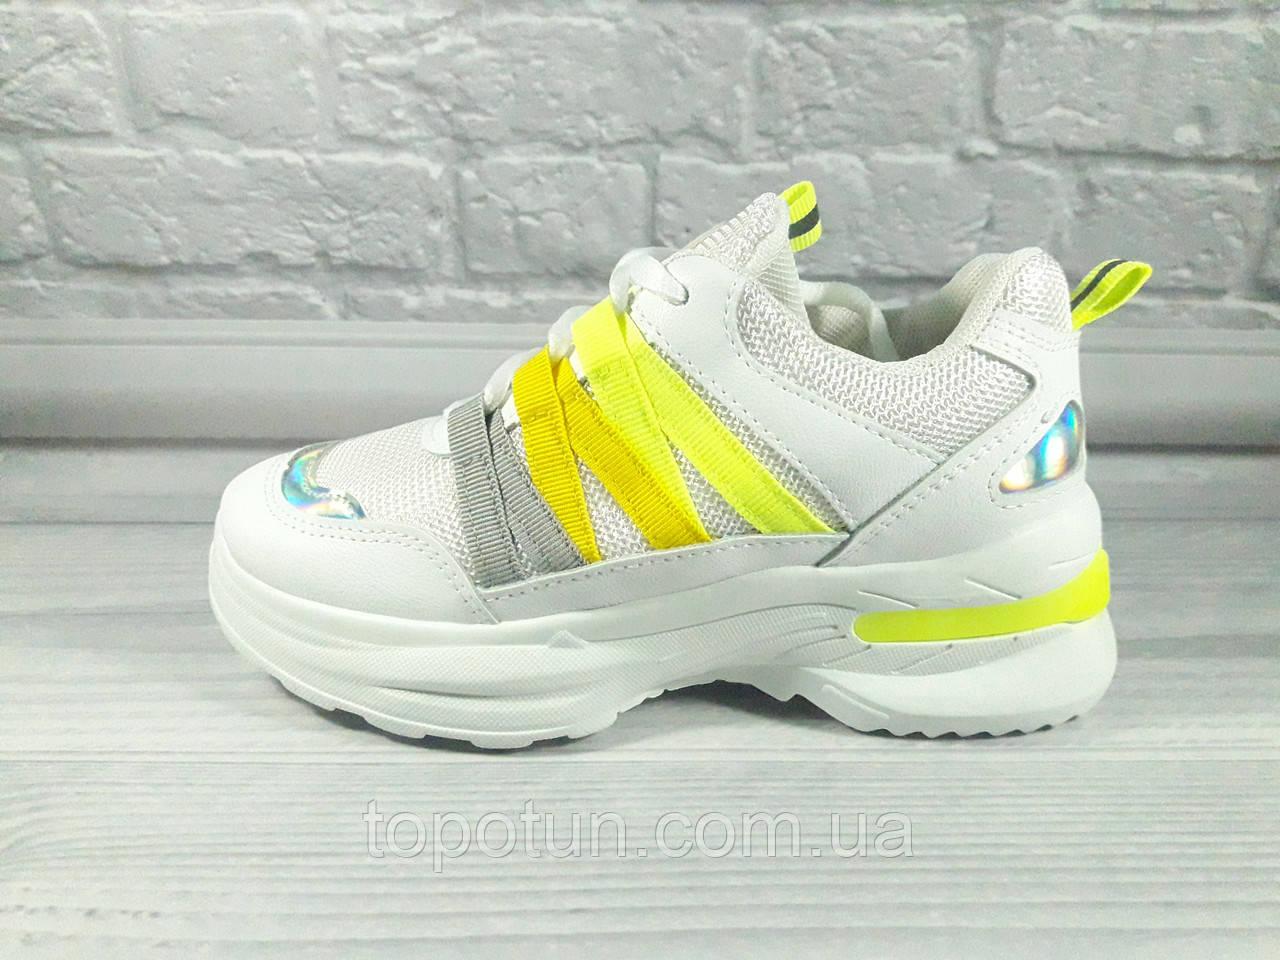 """Детские кроссовки для девочки """"Kimbo-o"""" Размер: 32"""